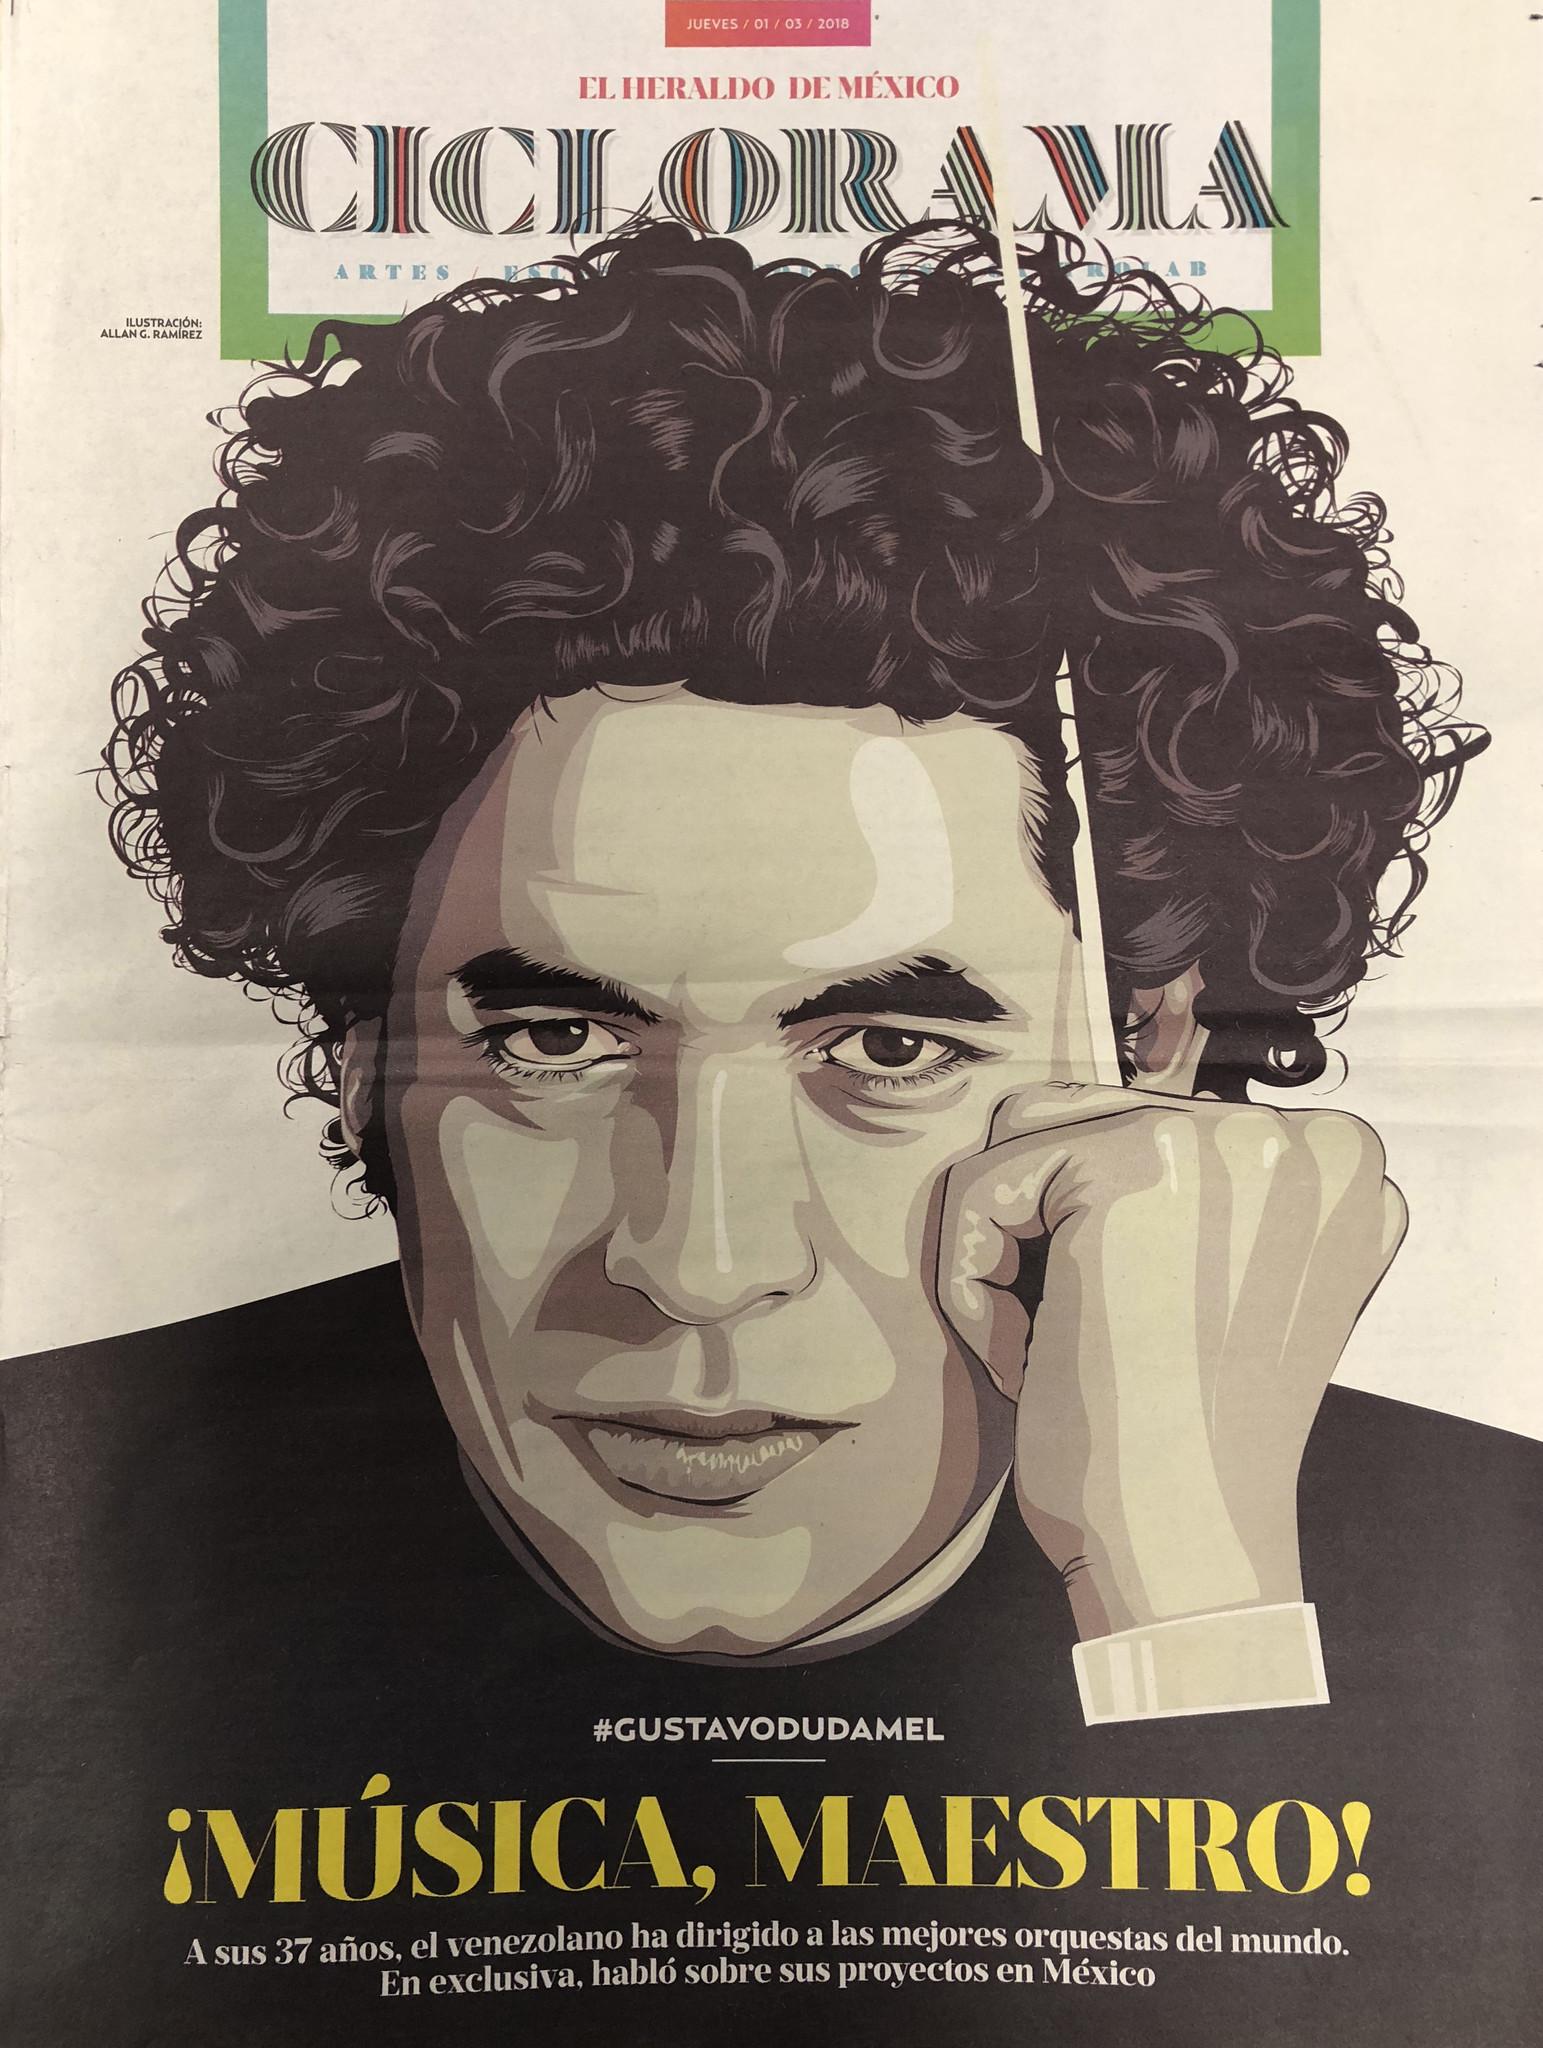 Gustavo Dudamel in Mexico City